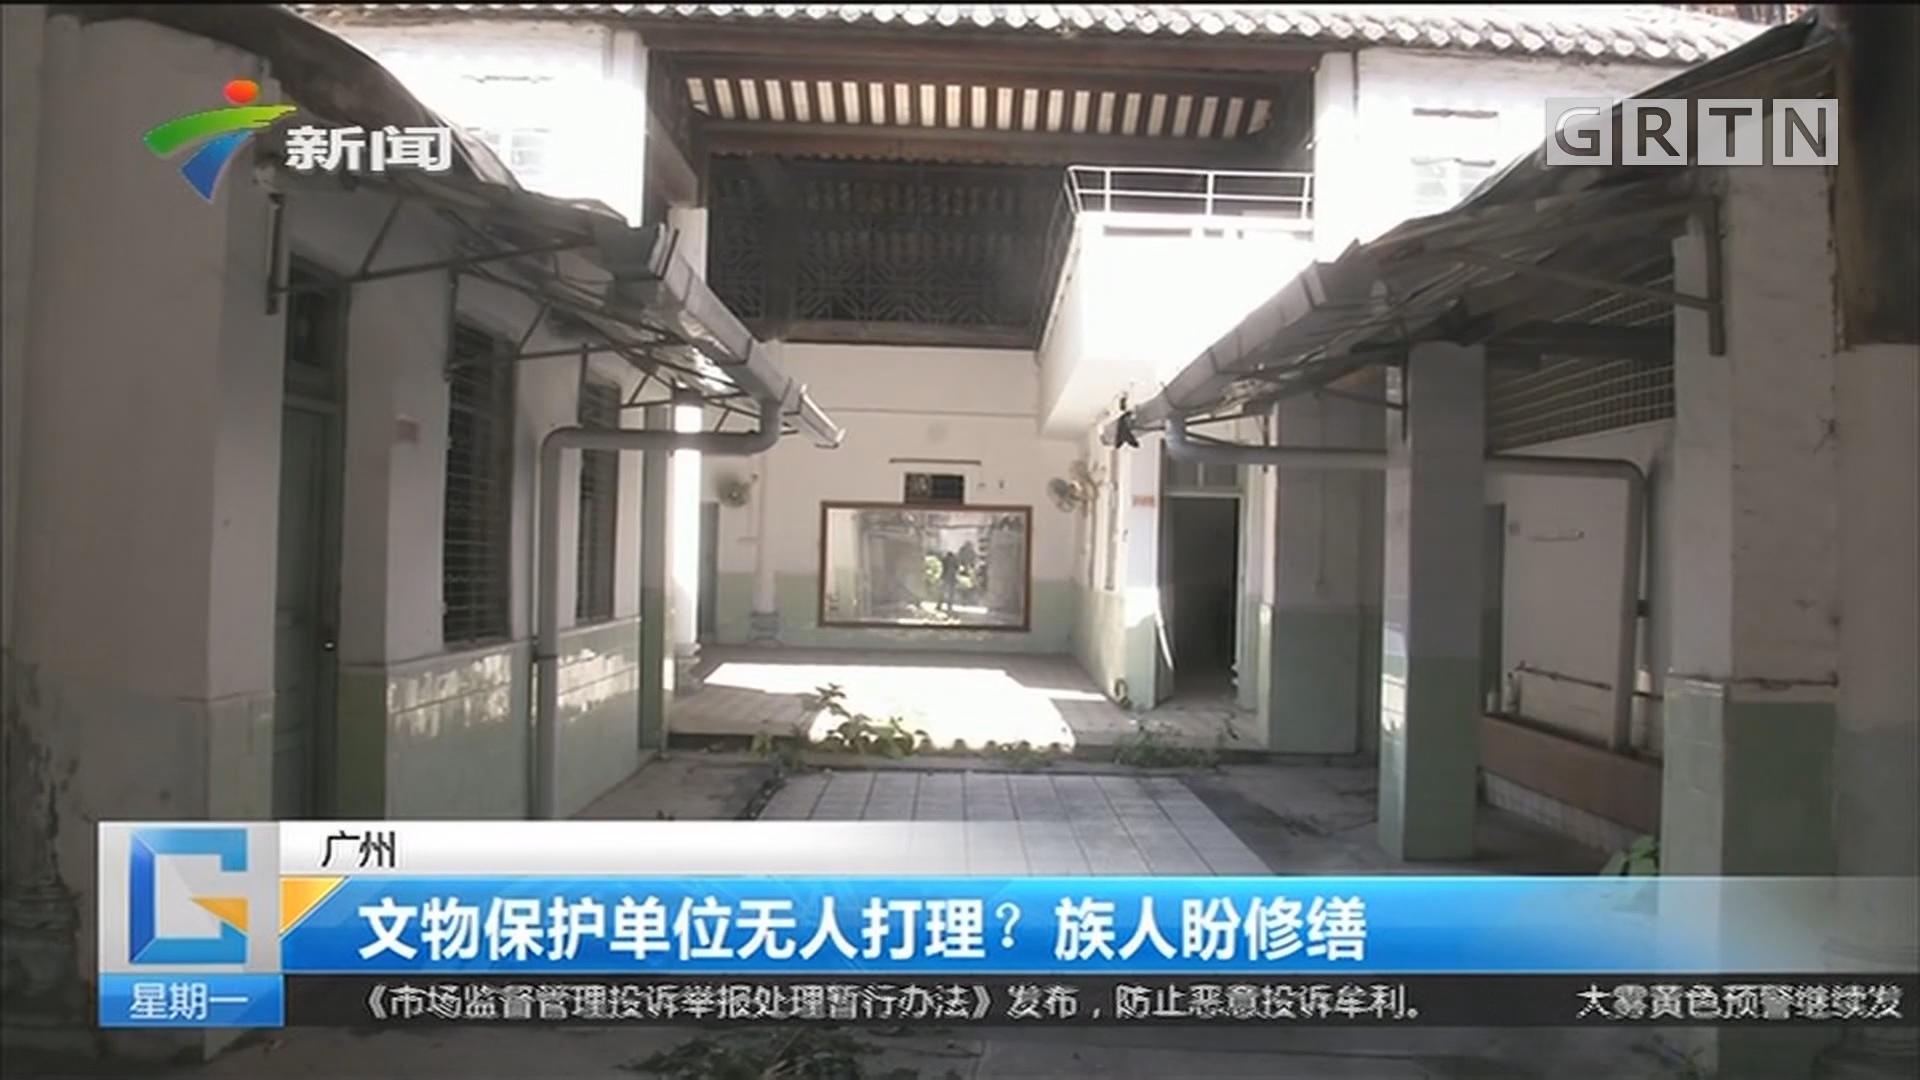 广州 文物保护单位无人打理?族人盼修缮